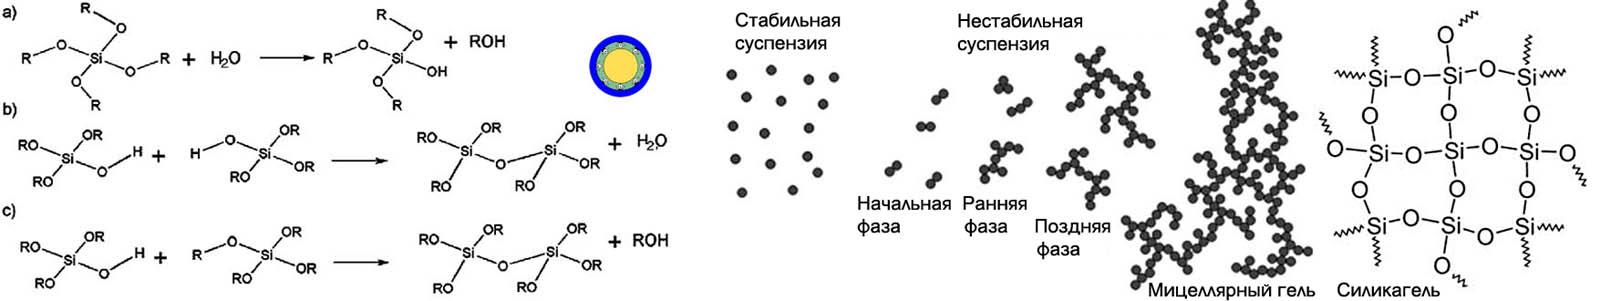 Схема получения мицеллярного геля и структура силикагеля